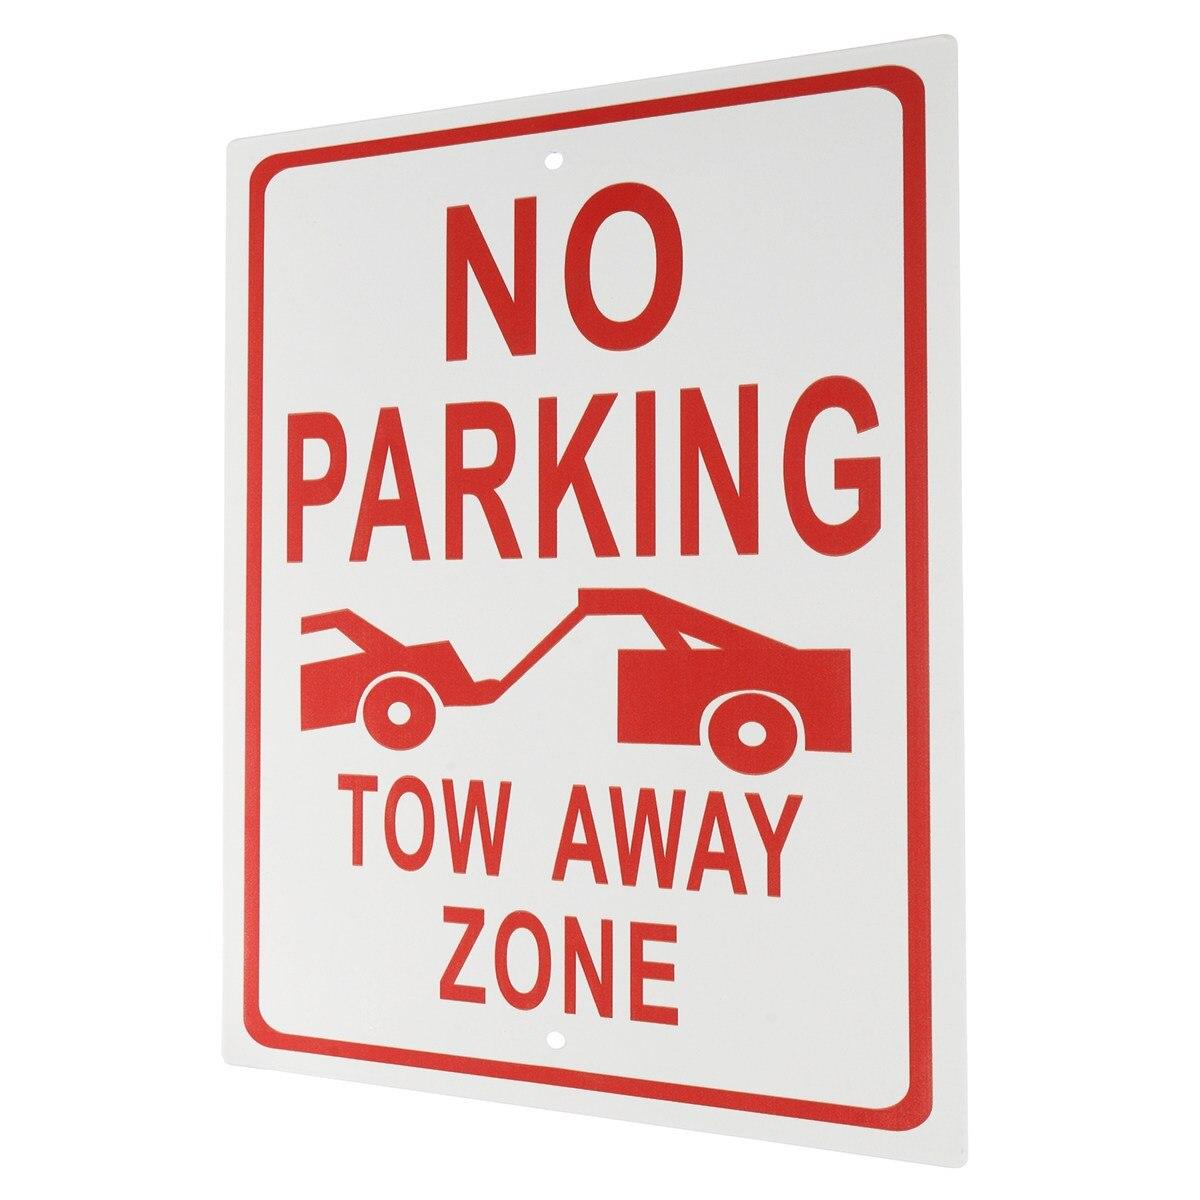 Новый Алюминий Сплав Нет парковки-буксировки от зоны Предупреждение знак на рабочем месте Детская безопасность безопасности ...